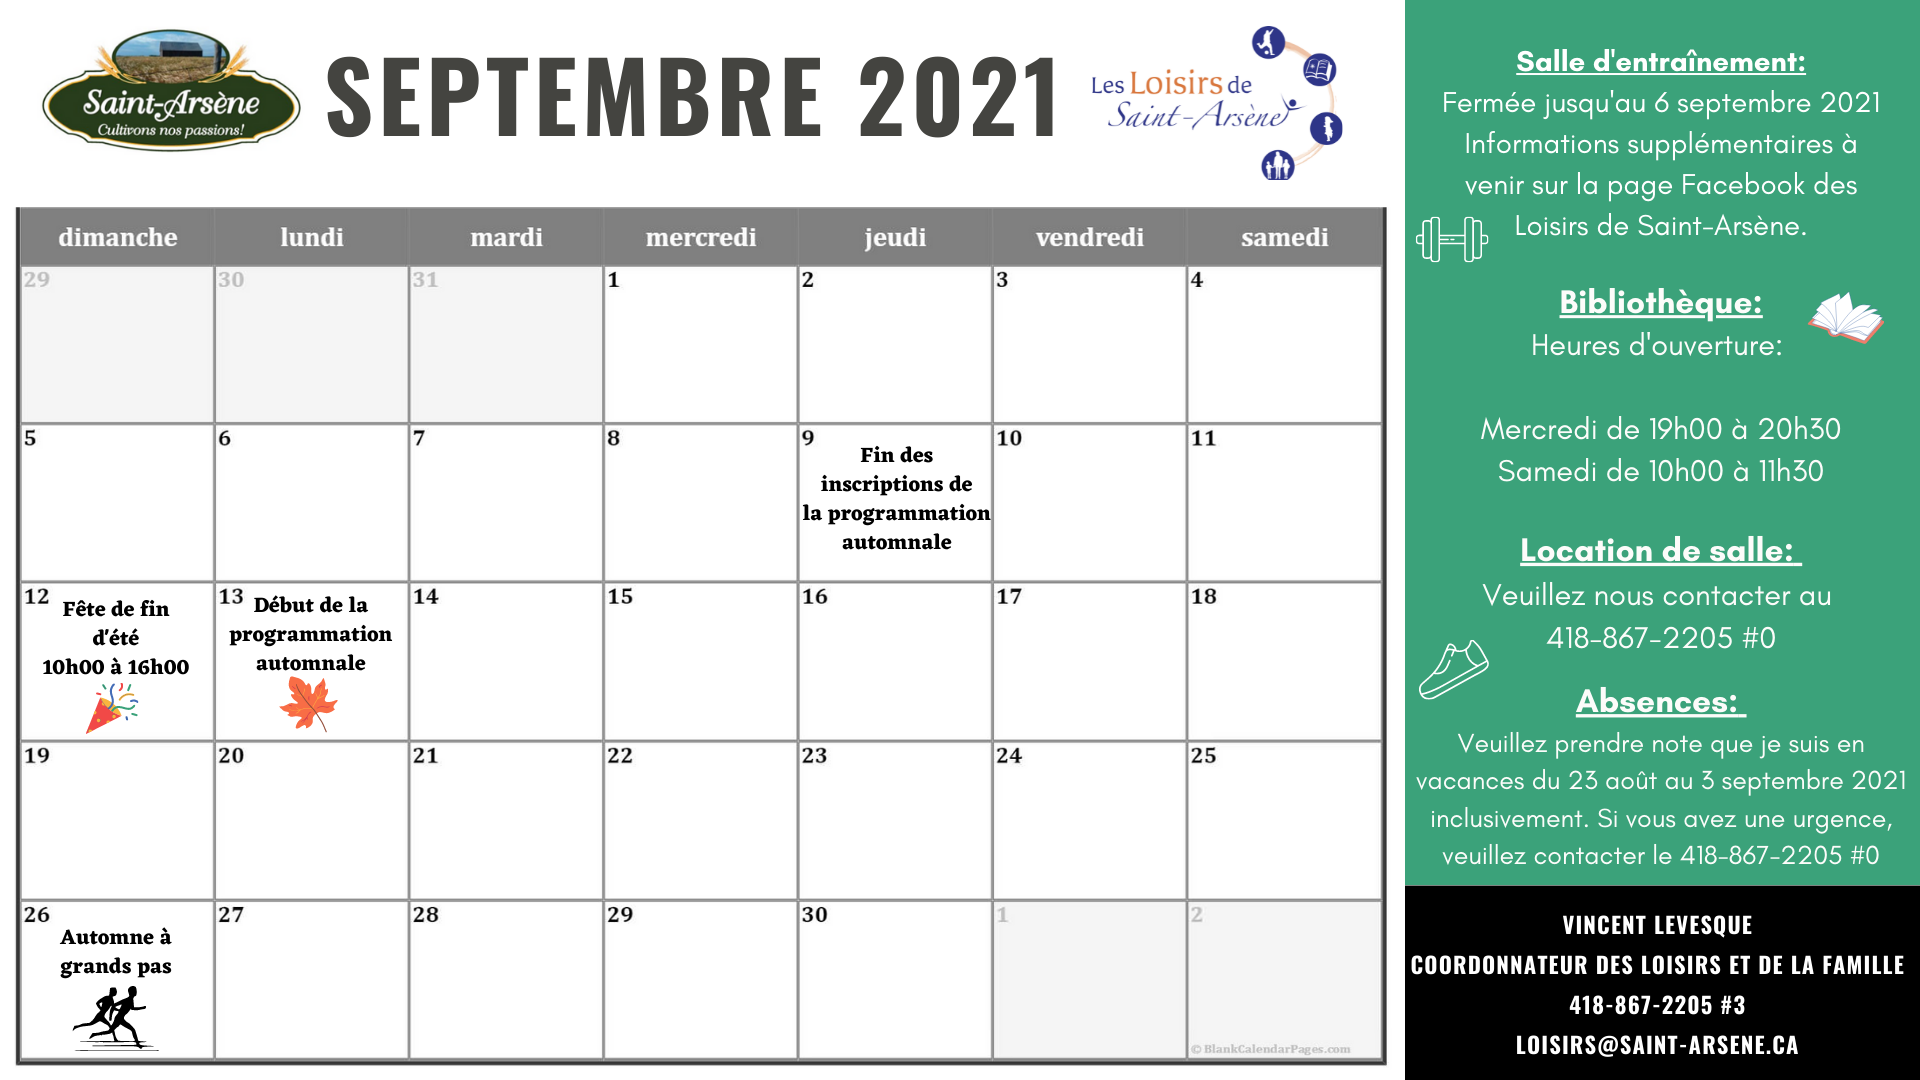 Calendrier activités loisirs septembre 2021